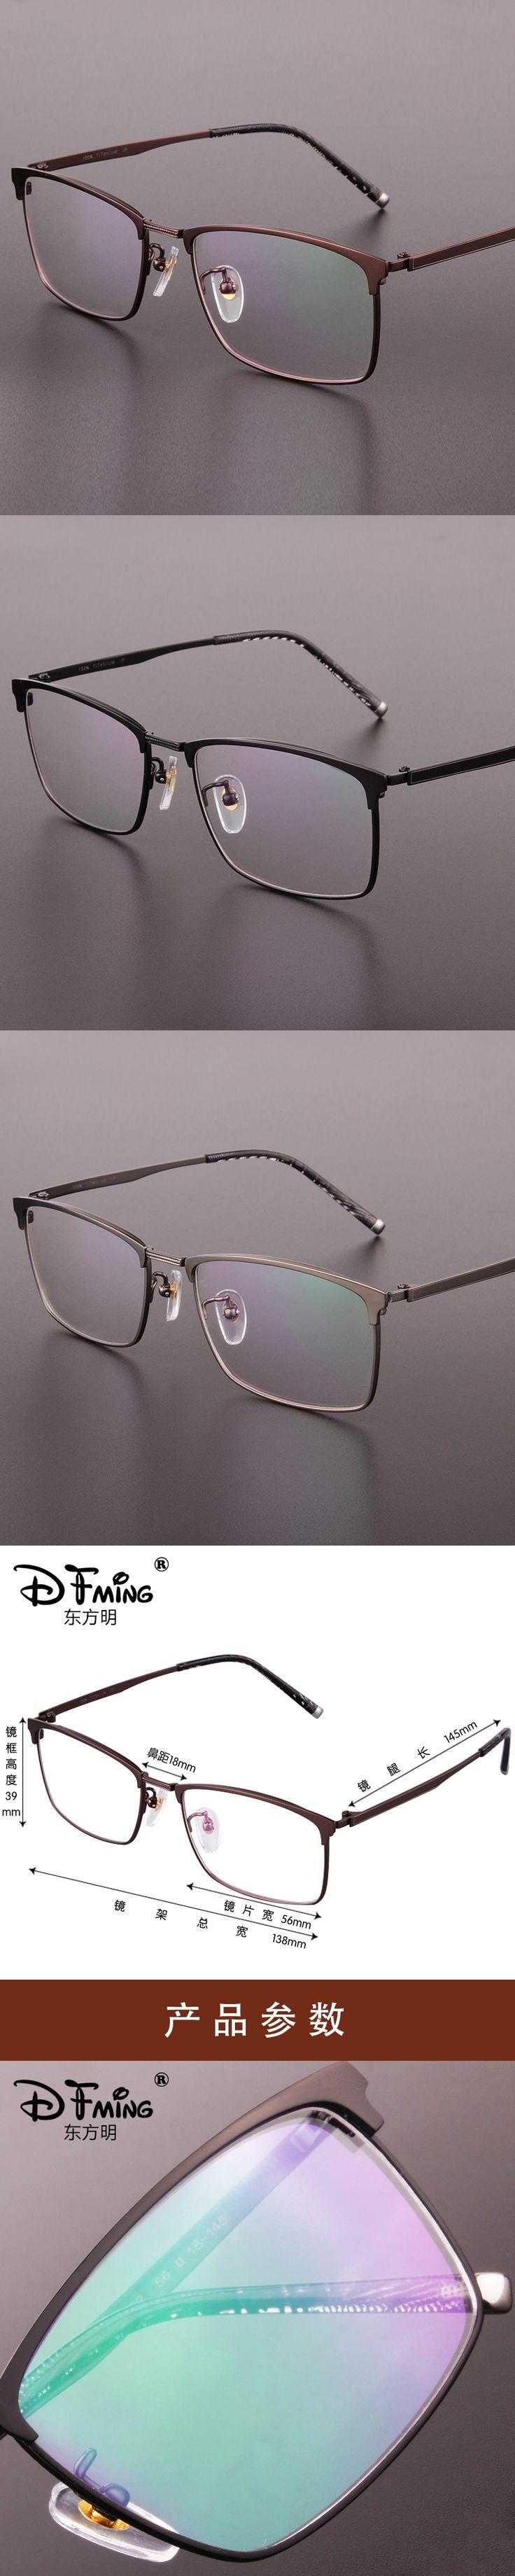 Brand genuine high-end mens glasses frames pure titanium full frame mens glasses frames box prescription glasses 9922